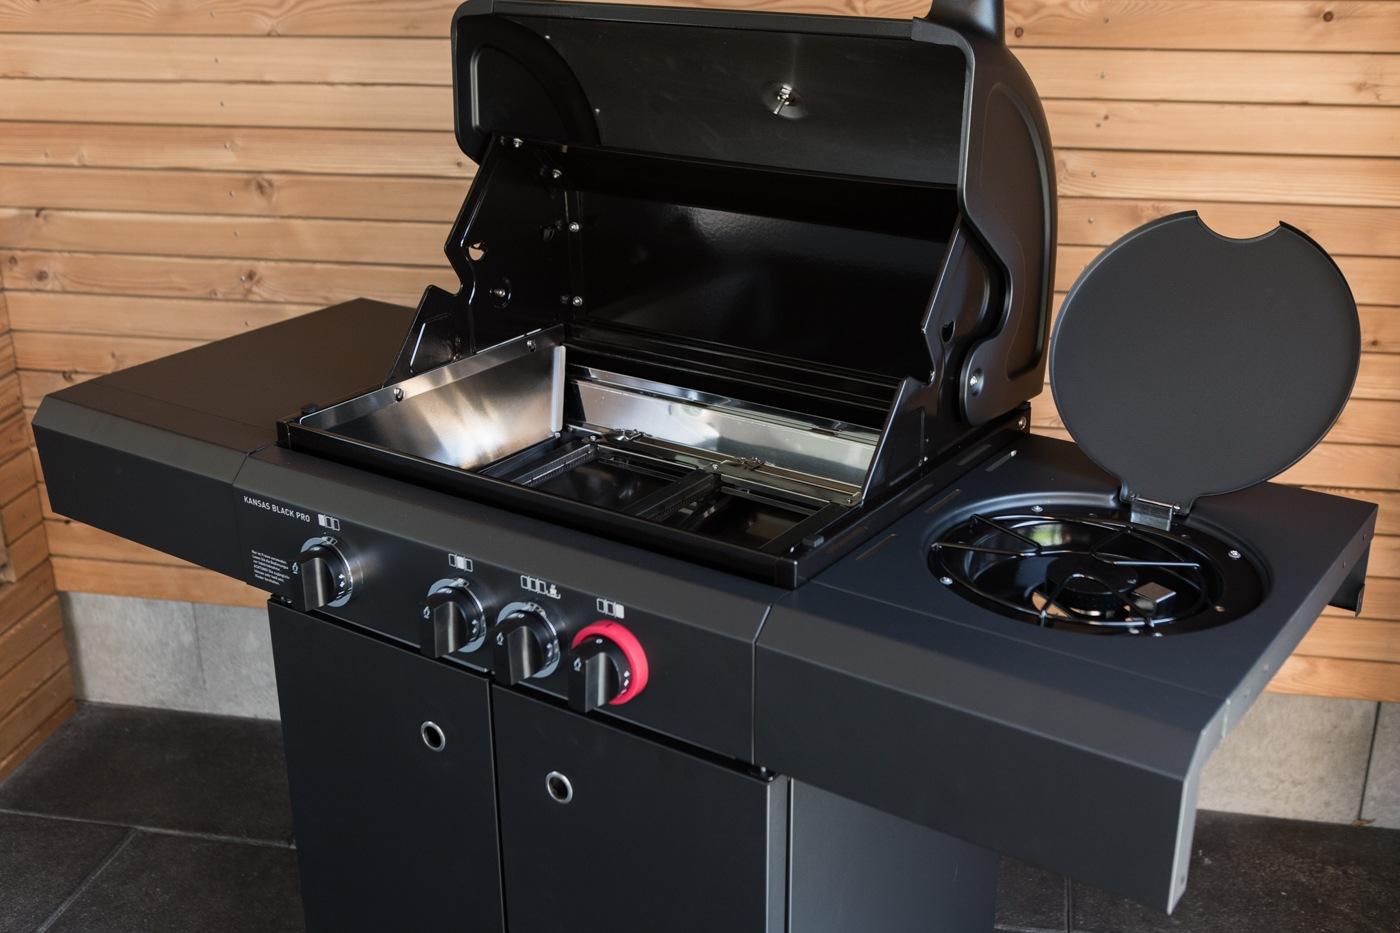 Outdoorküche Gasgrill Test : Outdoor küche test gasbrenner outdoor küche